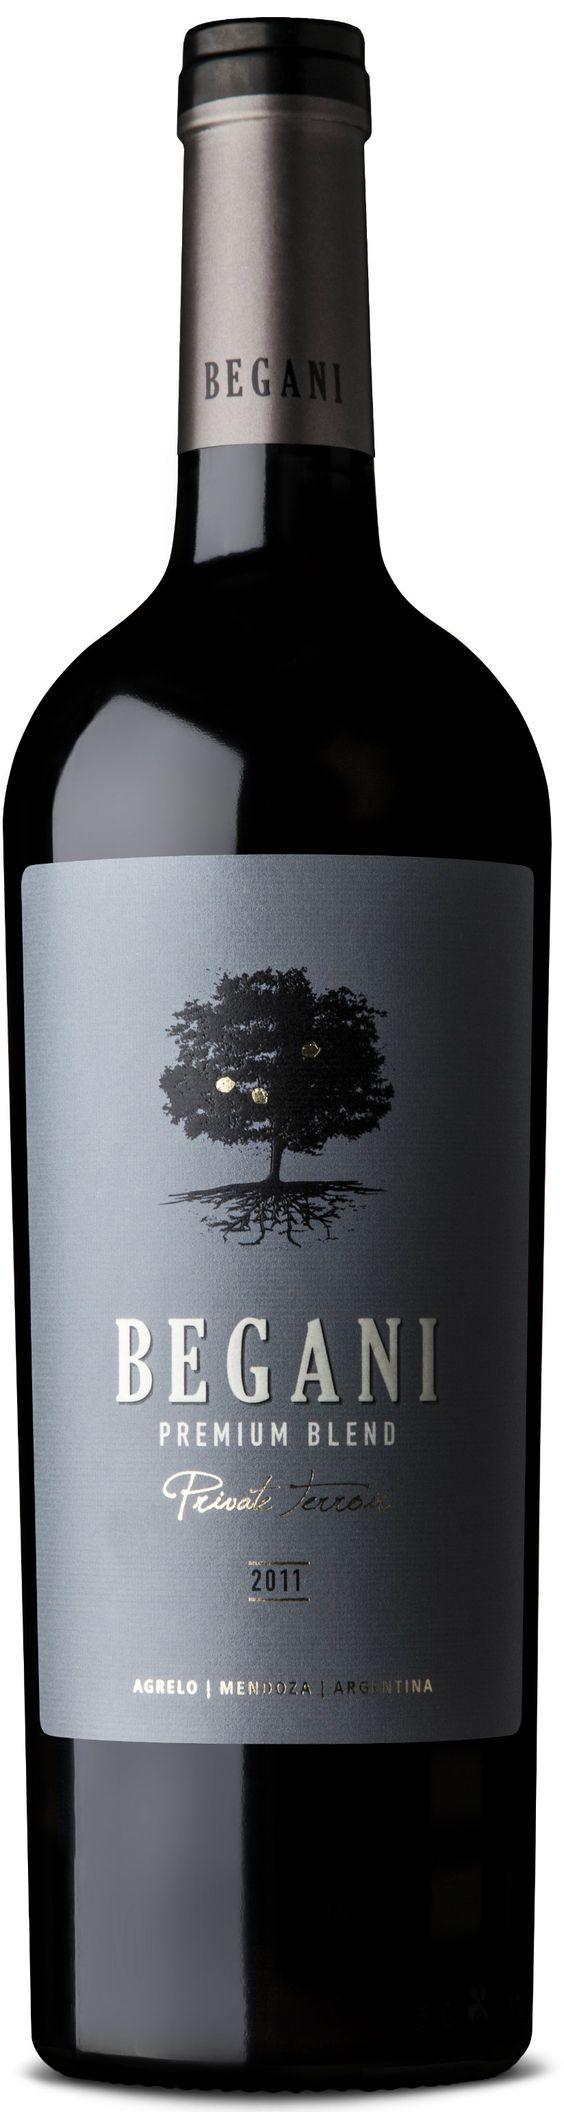 """""""Begani Premium Blend"""" 55% Malbec /20 % Bonarda / 15% Cabernet Sauvignon /10% Cabernet Franc 2011 - Bodega Lamadrid, Luján de Cuyo, Mendoza--------------------Terroir: Agrelo------------------------- Crianza: 12 meses en barricas de roble francés de primer uso (60%) y segundo uso (40%)"""